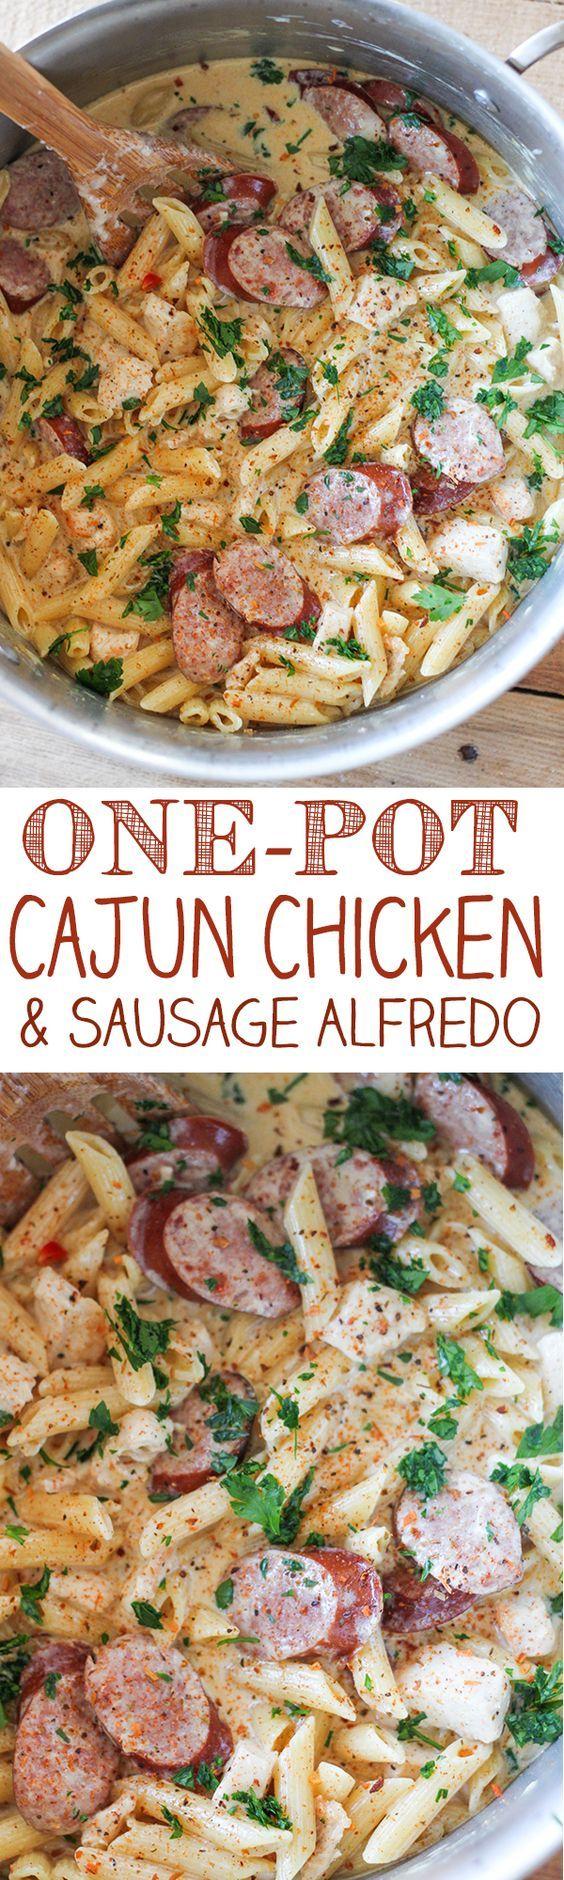 One Pot Cajun Chicken Pasta Alfredo with Sausage - spaghetti squash instead of pasta???: